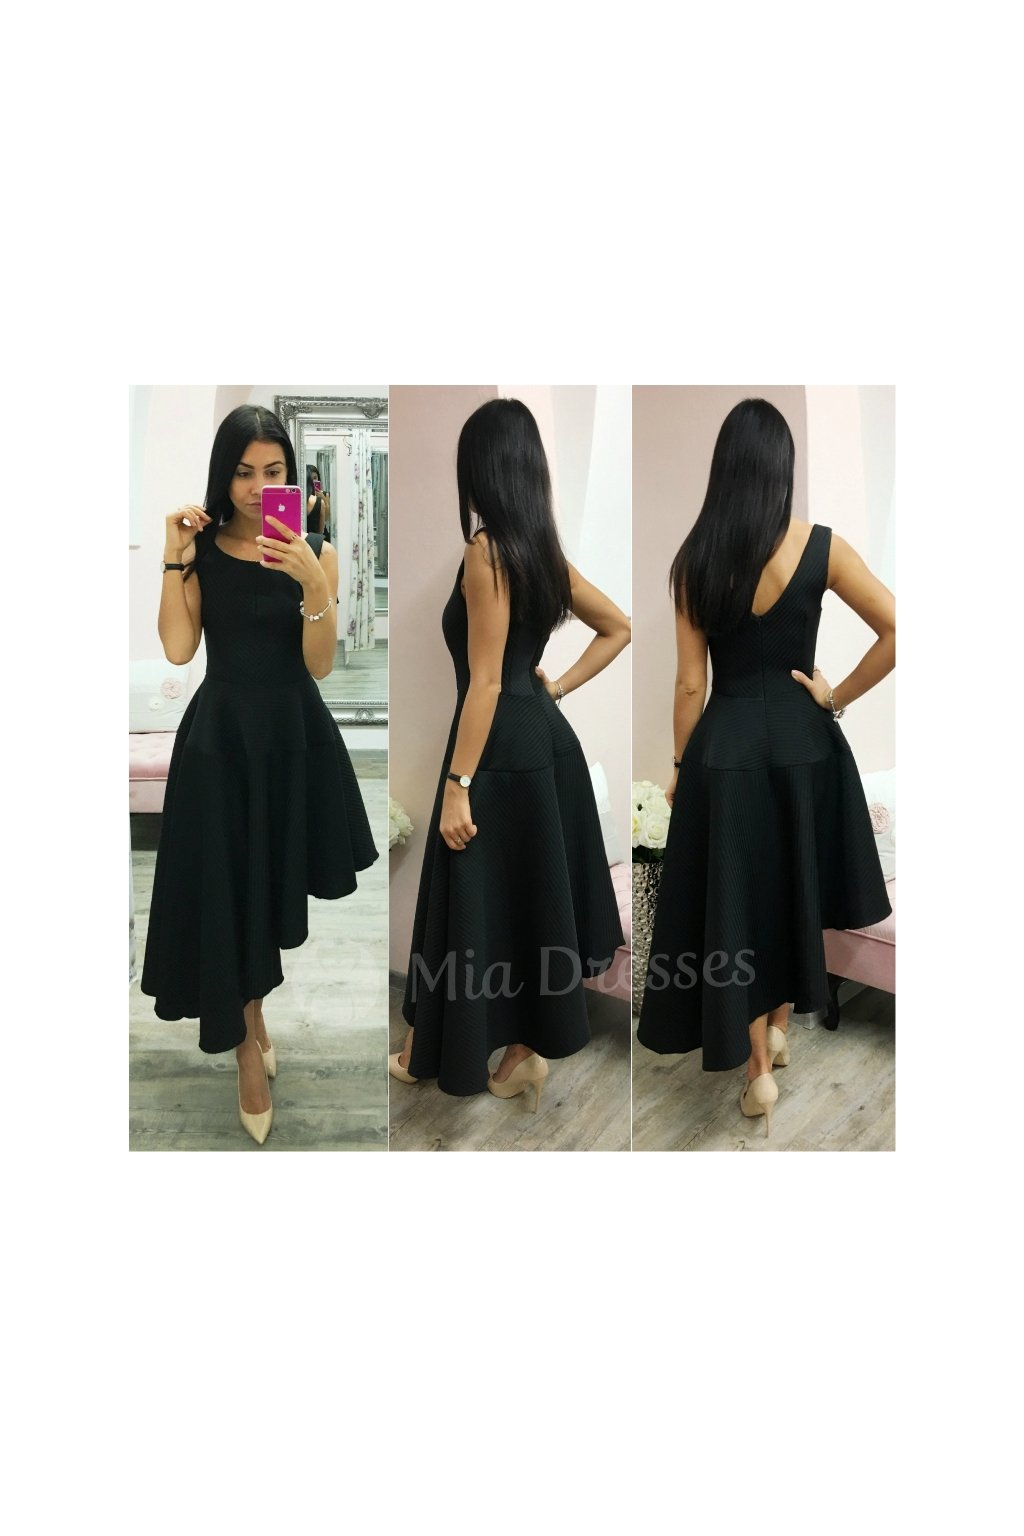 e61491741069 Čierne spoločenské asymetrické šaty - Mia Dresses